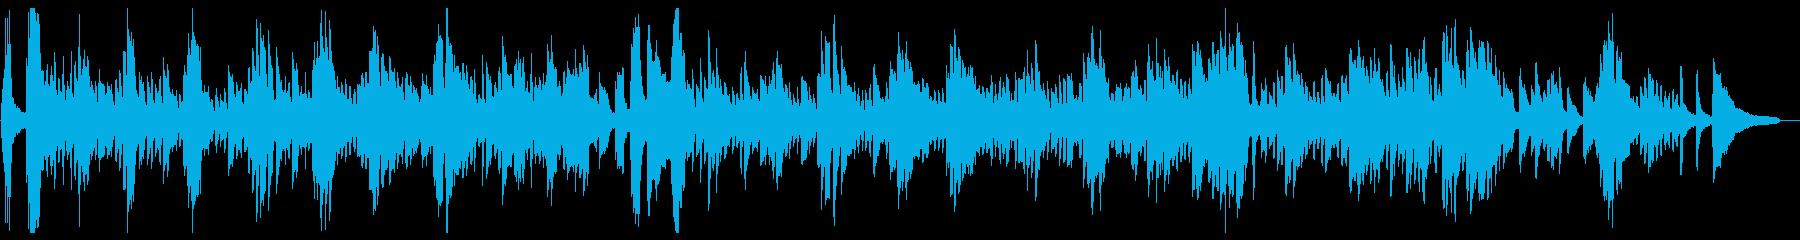 シュールでおもしろ系 悲しみのピアノソロの再生済みの波形